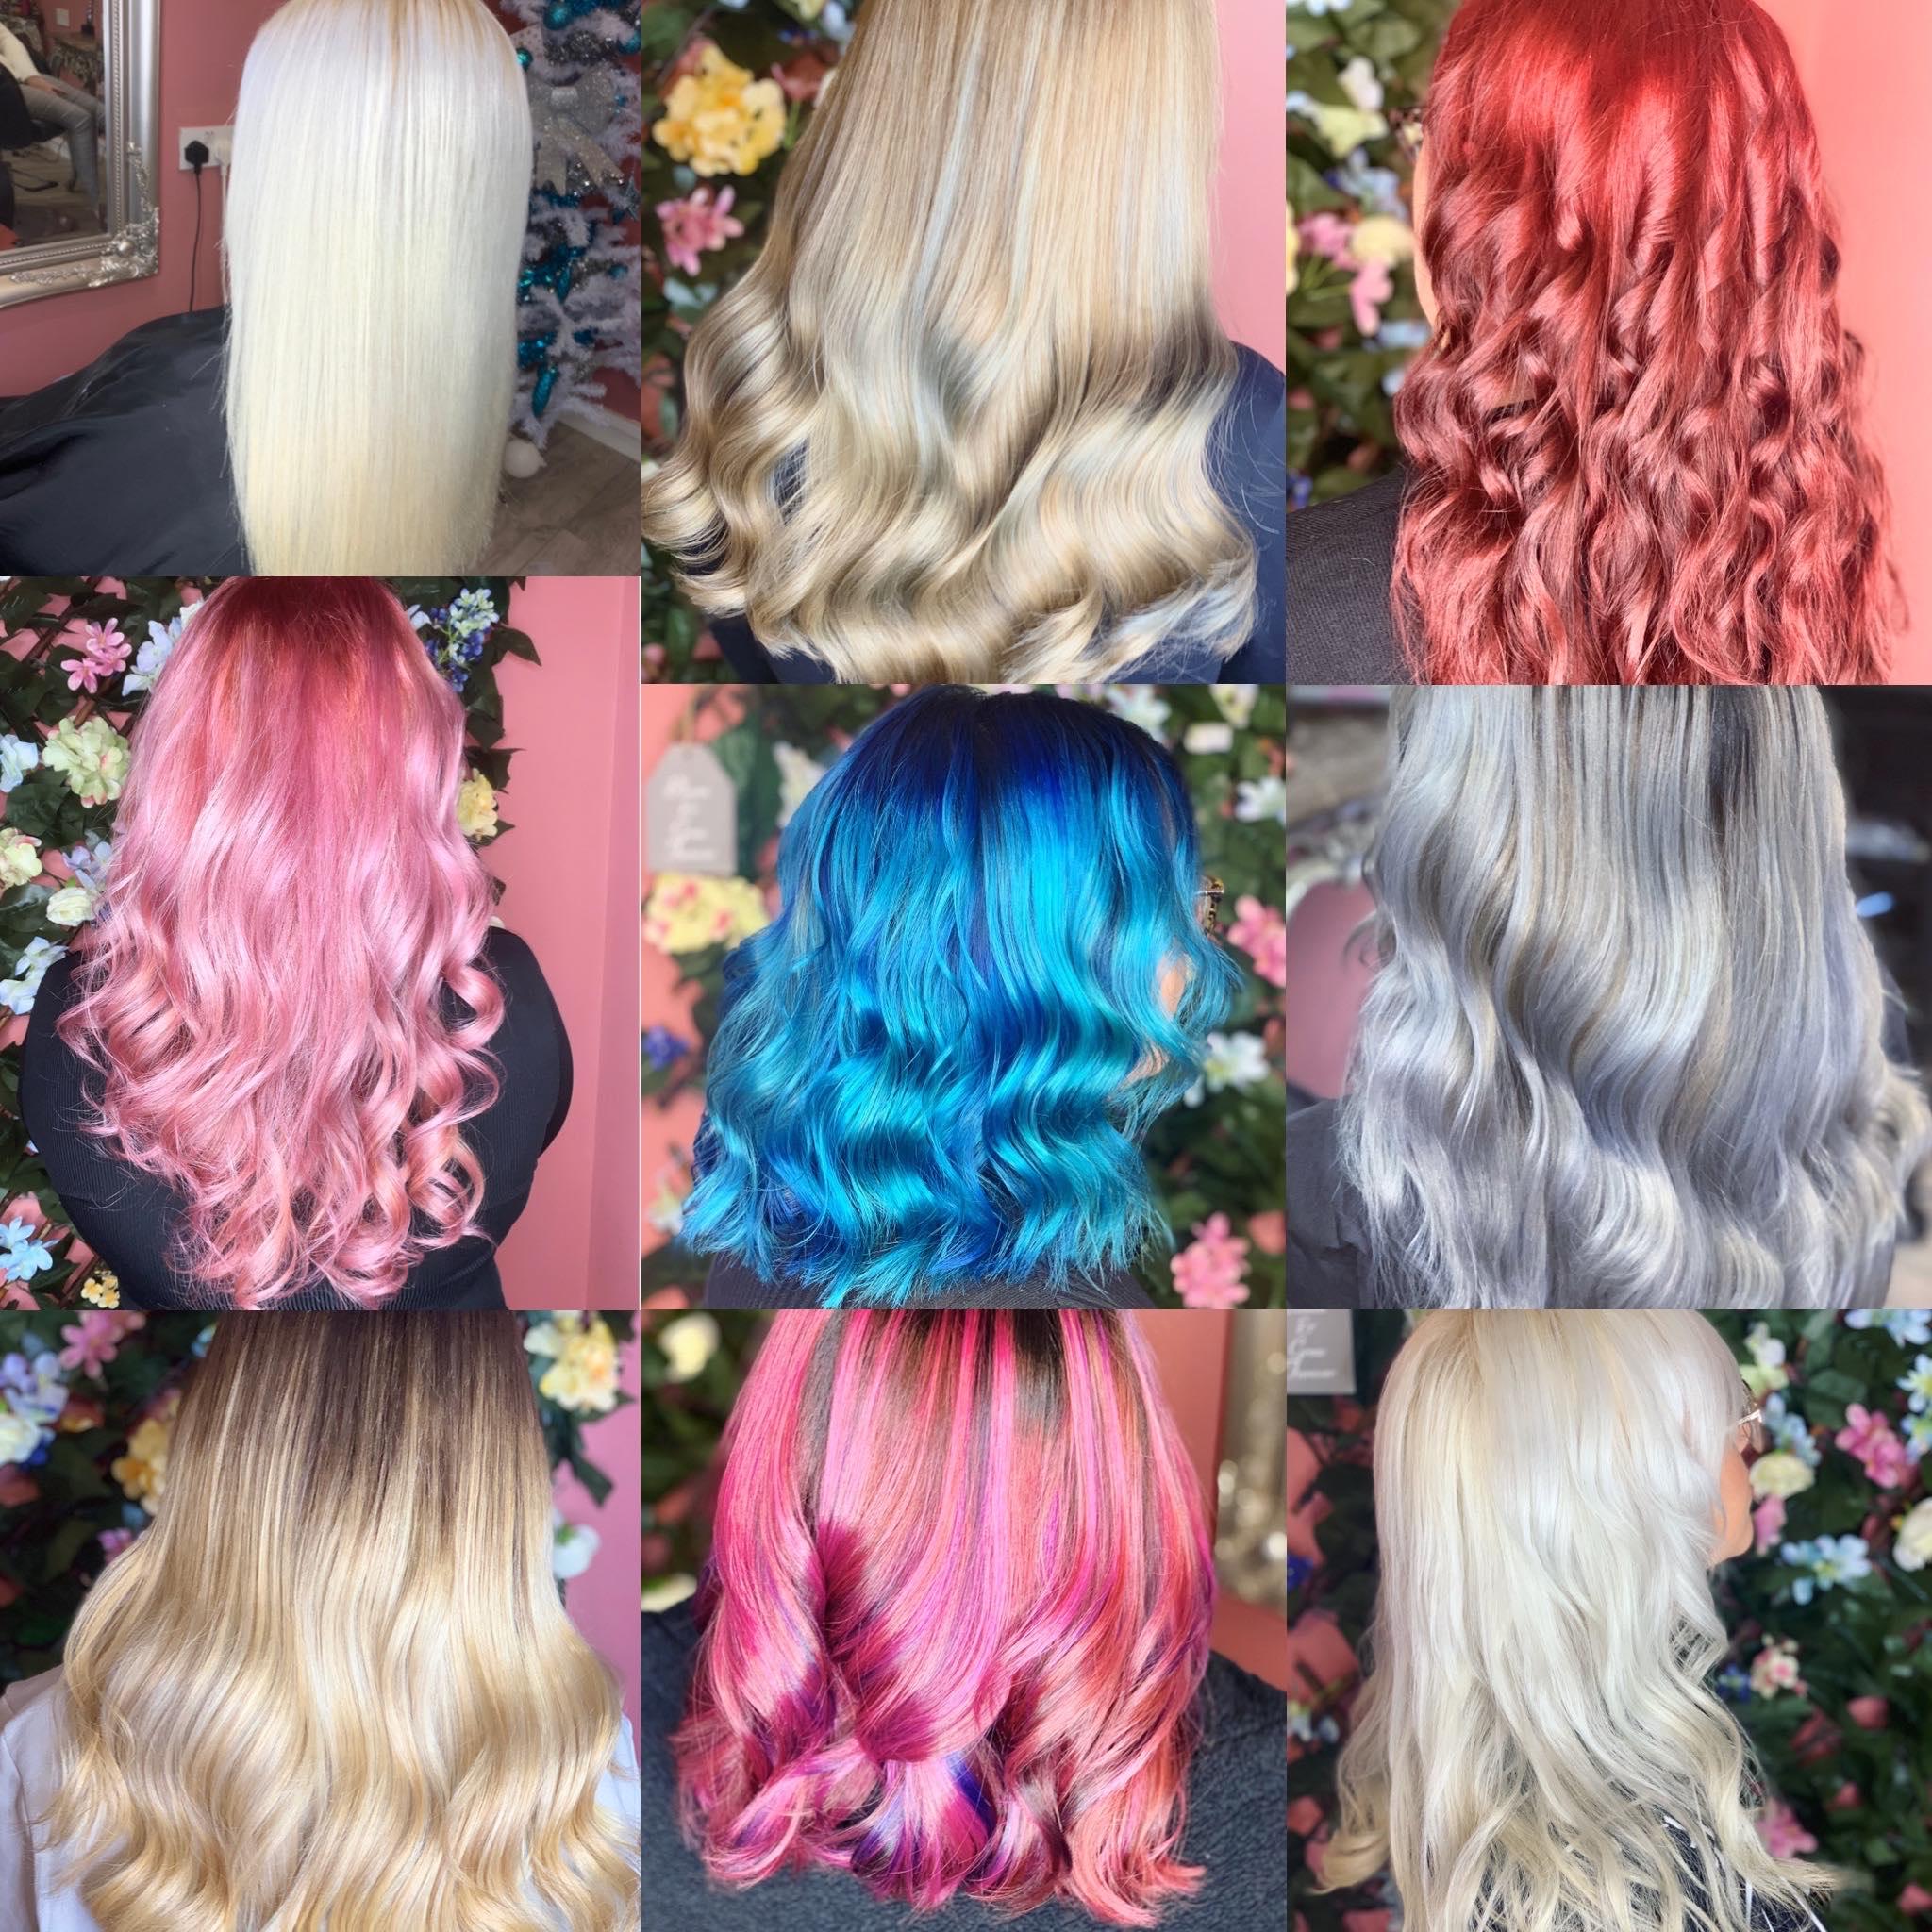 Amour Hair & Beauty